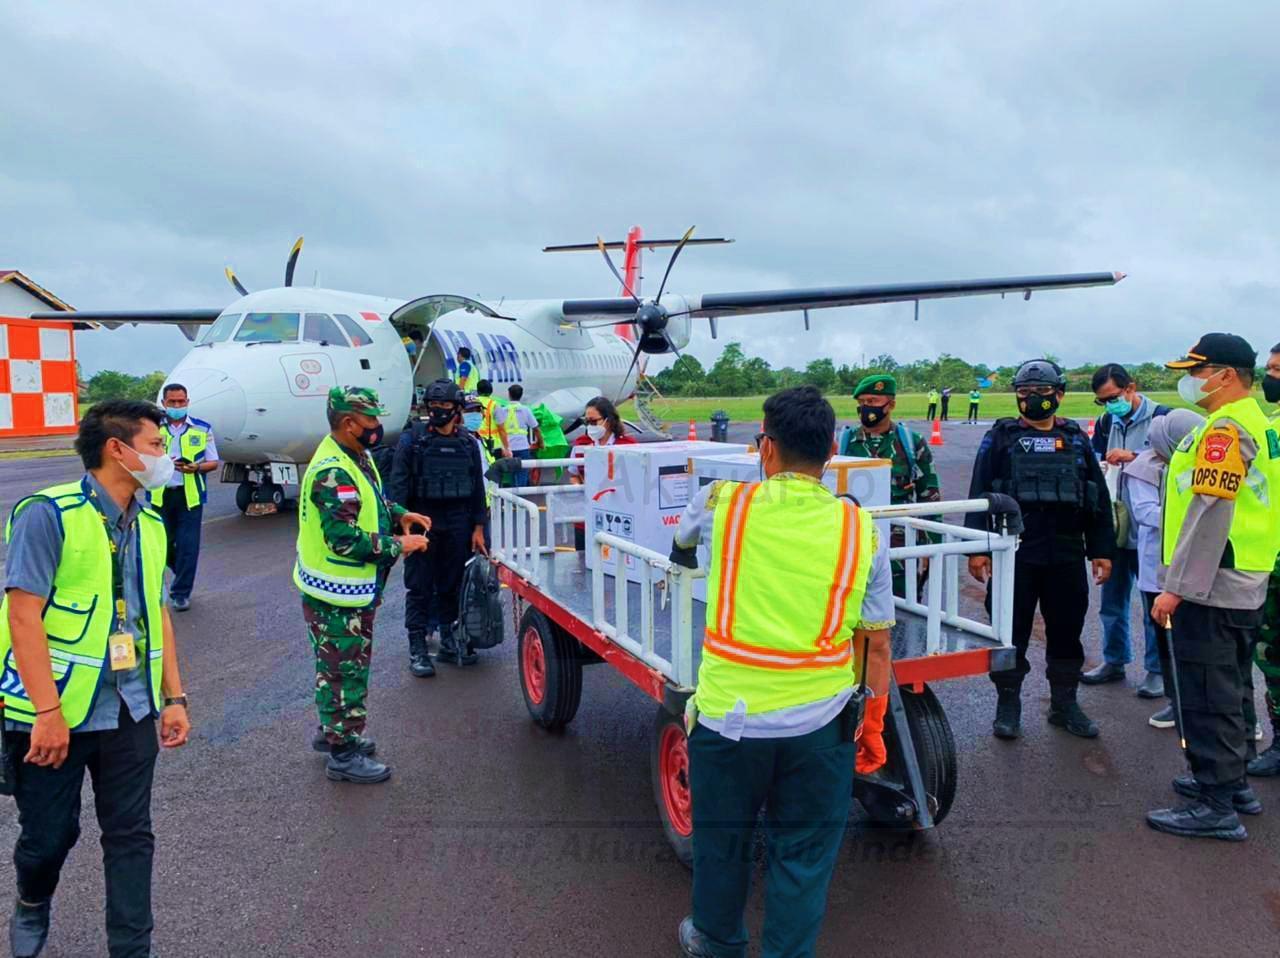 NAM Air Dipercayakan Mengantar Vaksin ke Berbagai Wilayah di Kalimantan Barat 3 IMG 20210129 000229